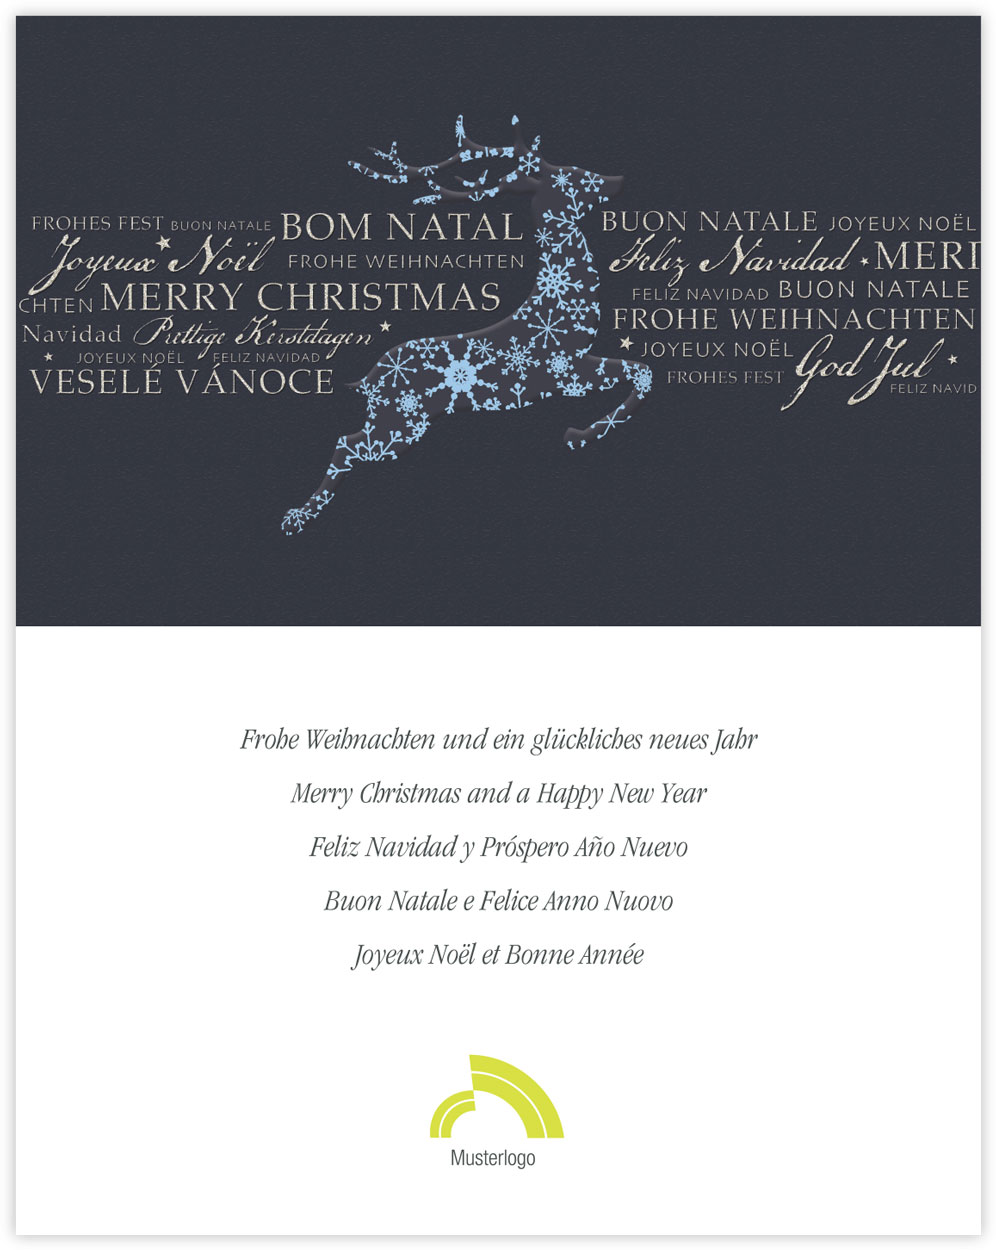 Virtuelle Weihnachtskarten Verschicken.Stimmungsvolle E Cards Zu Weihnachten